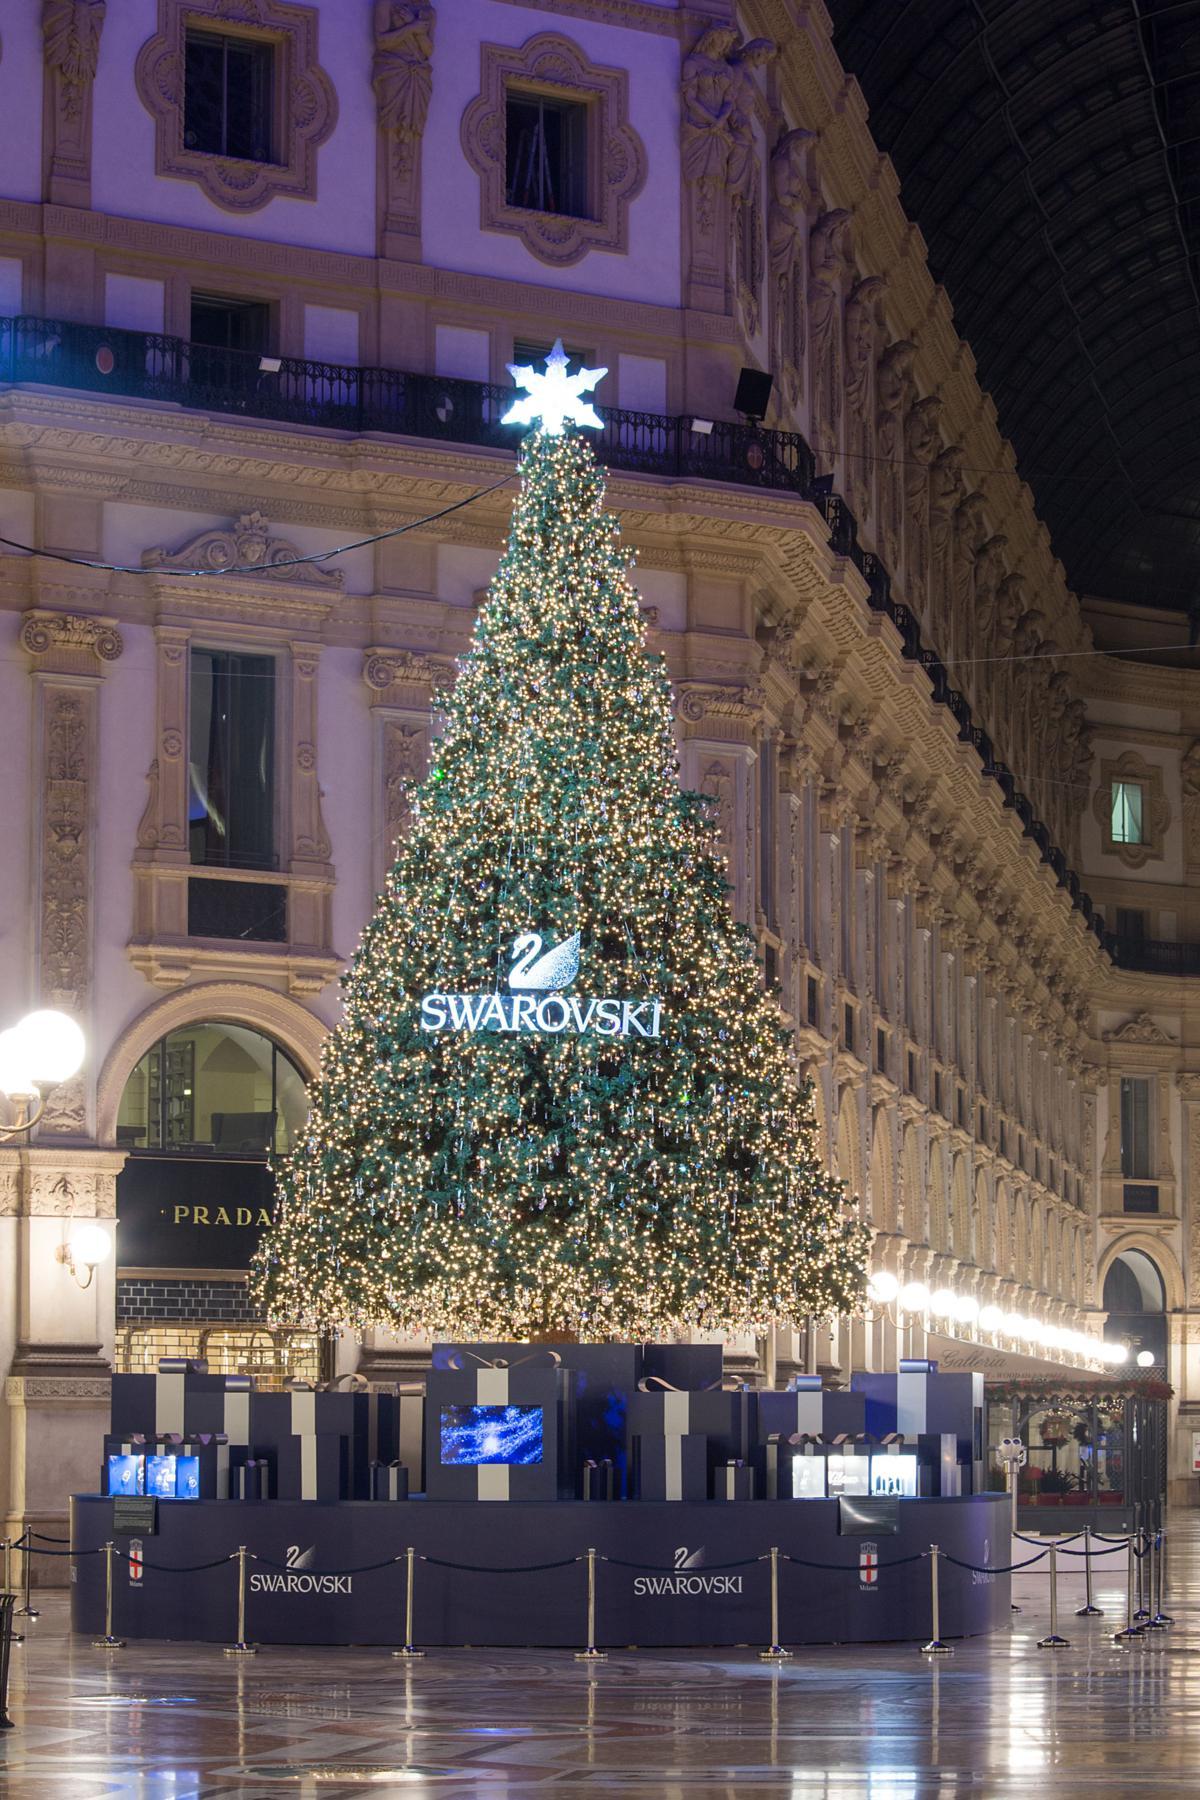 Milano Decorazioni Natalizie.Swarovski Illumina Il Natale A Milano Fashion Times